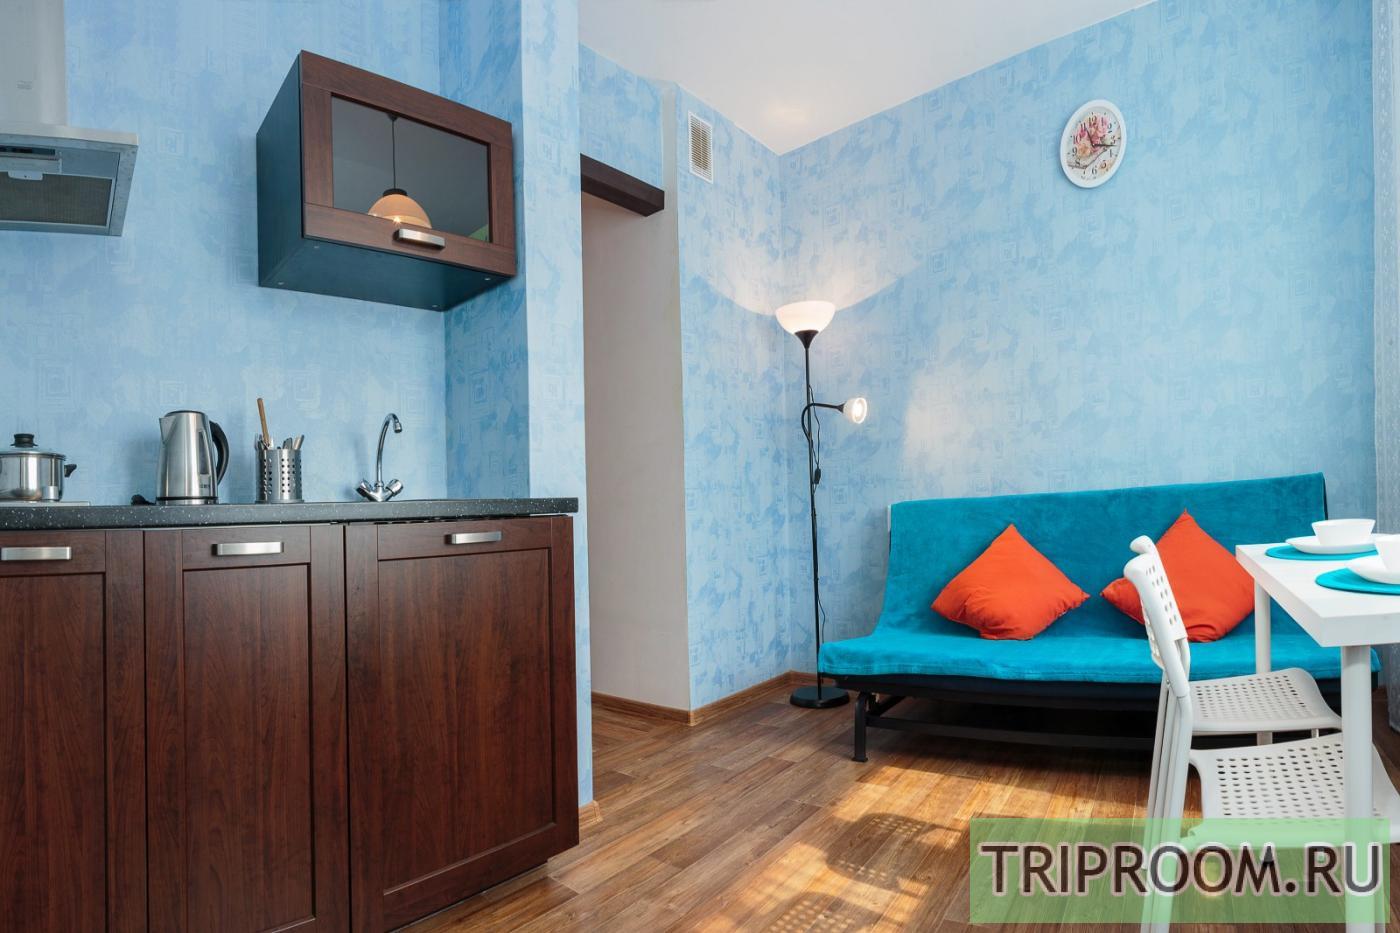 1-комнатная квартира посуточно (вариант № 16235), ул. Анатолия Мехренцева улица, фото № 5